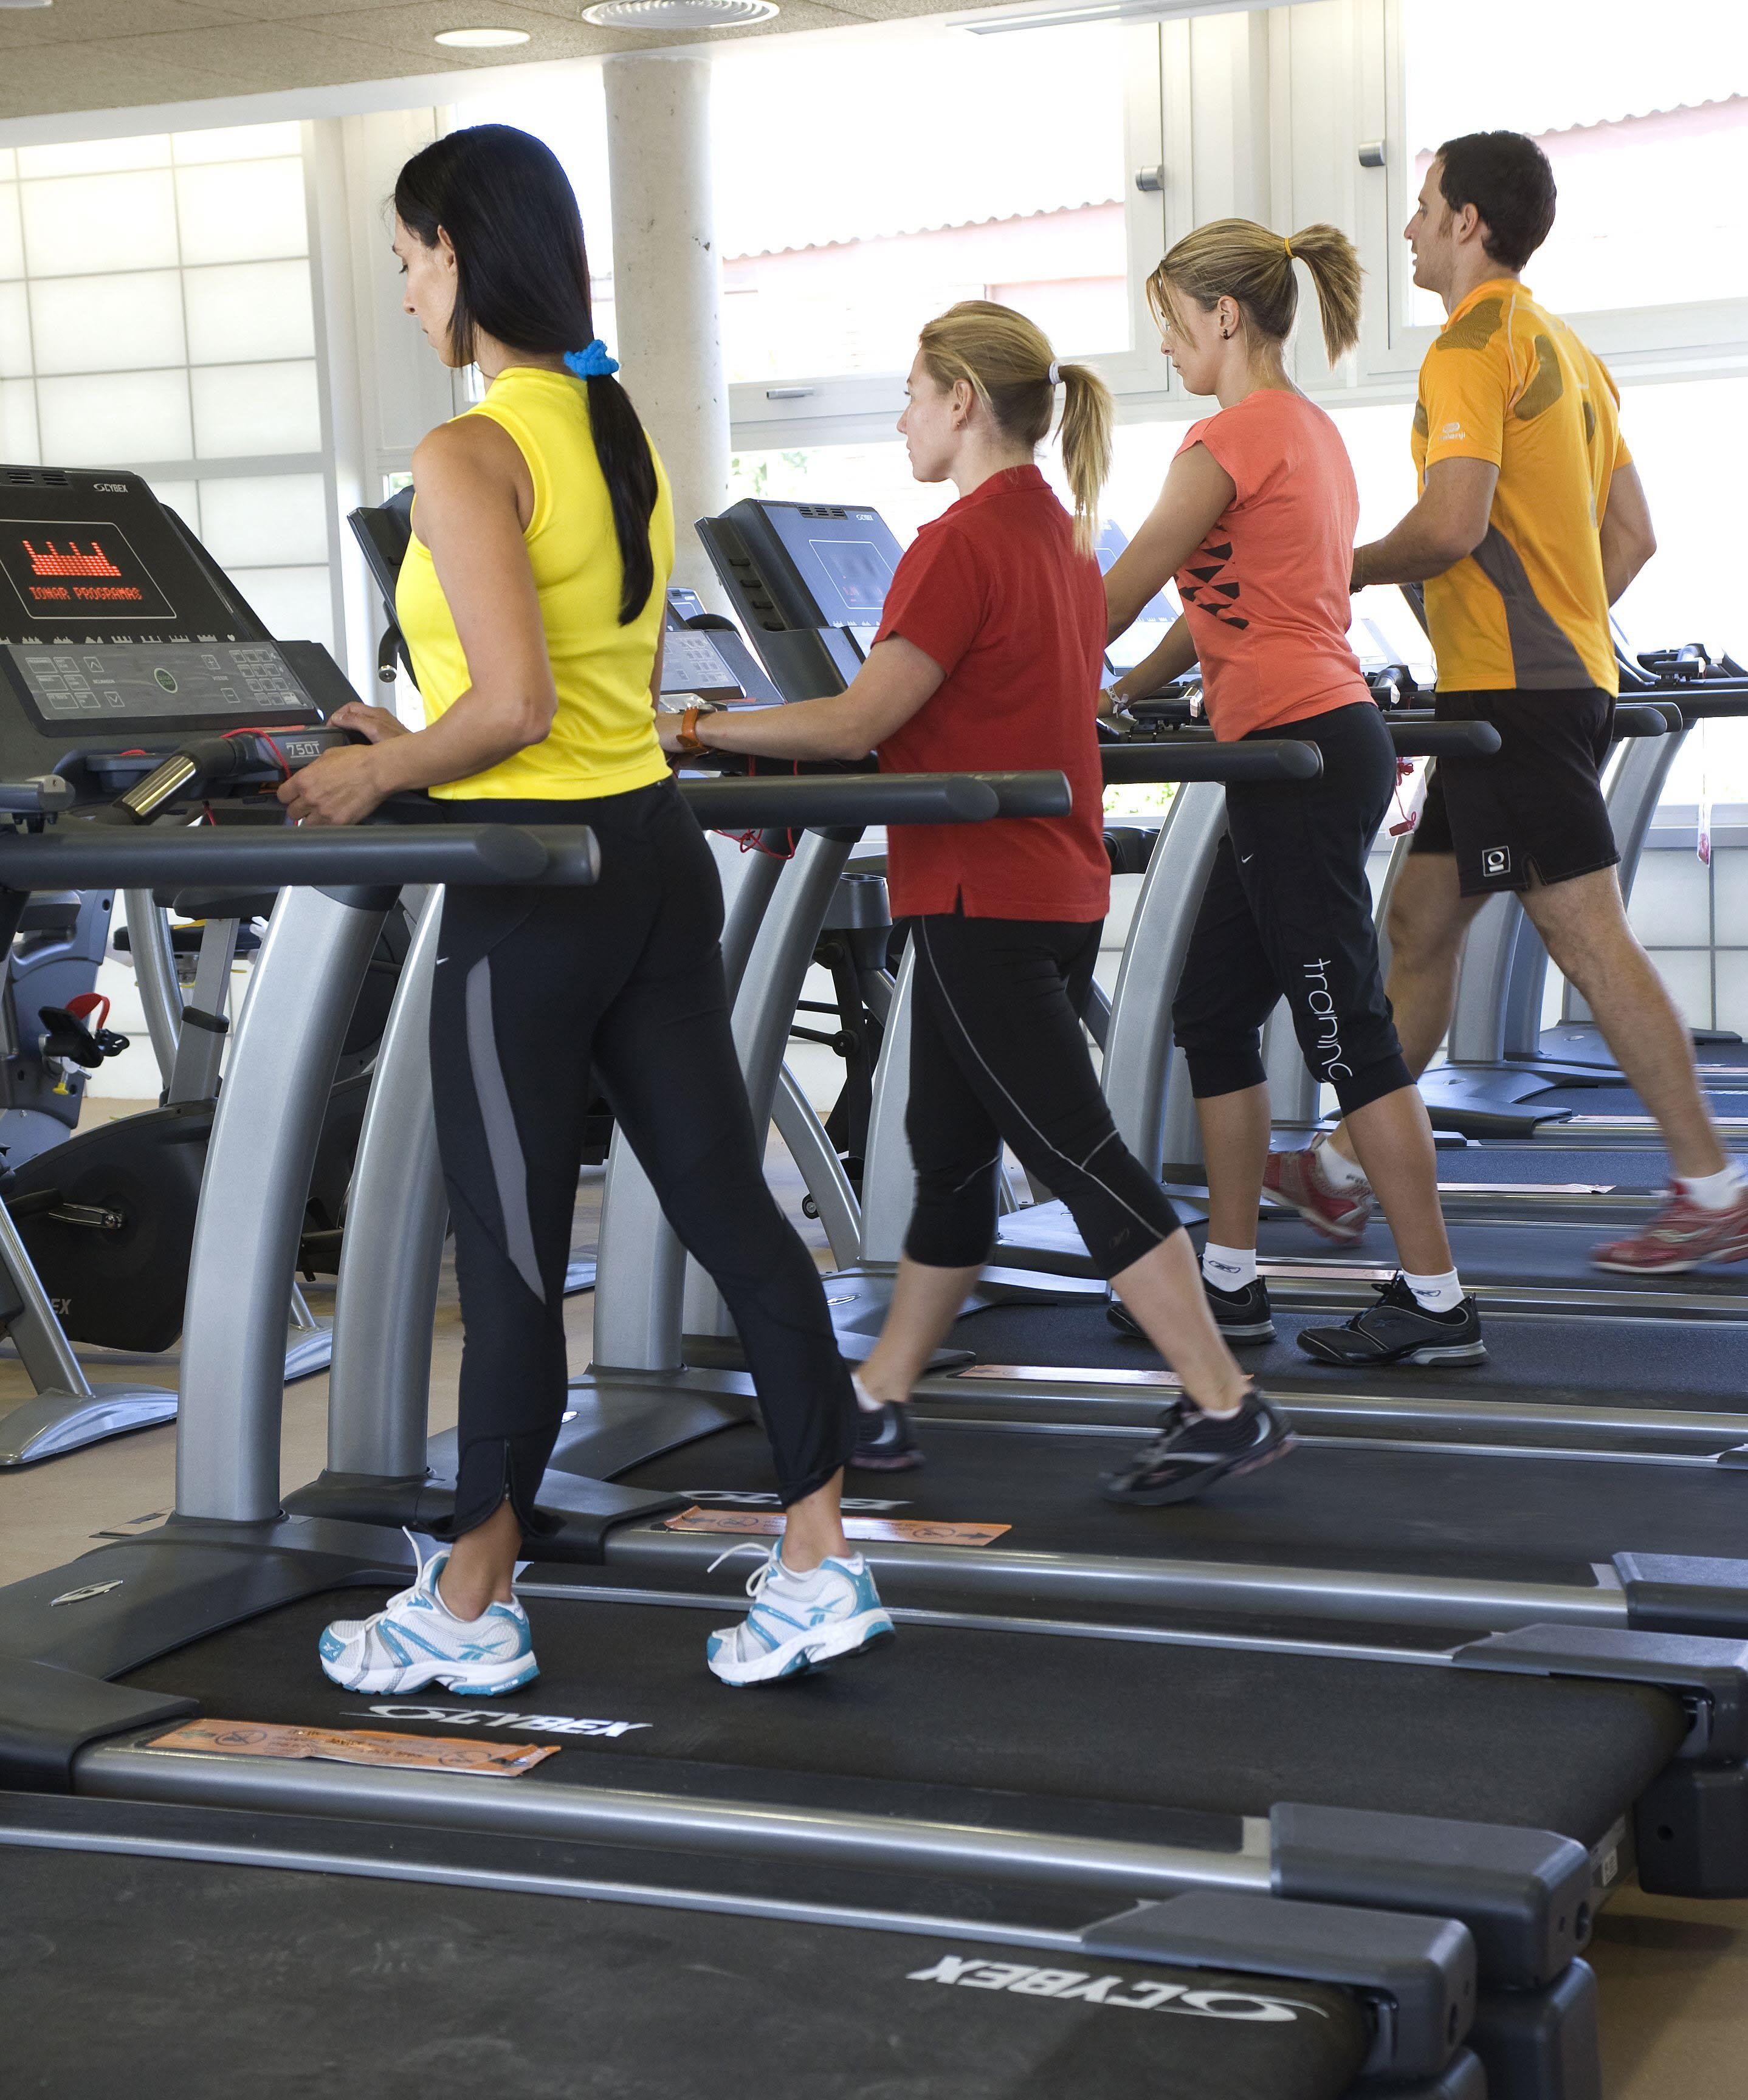 El estrés, un enemigo invisible en el gimnasio